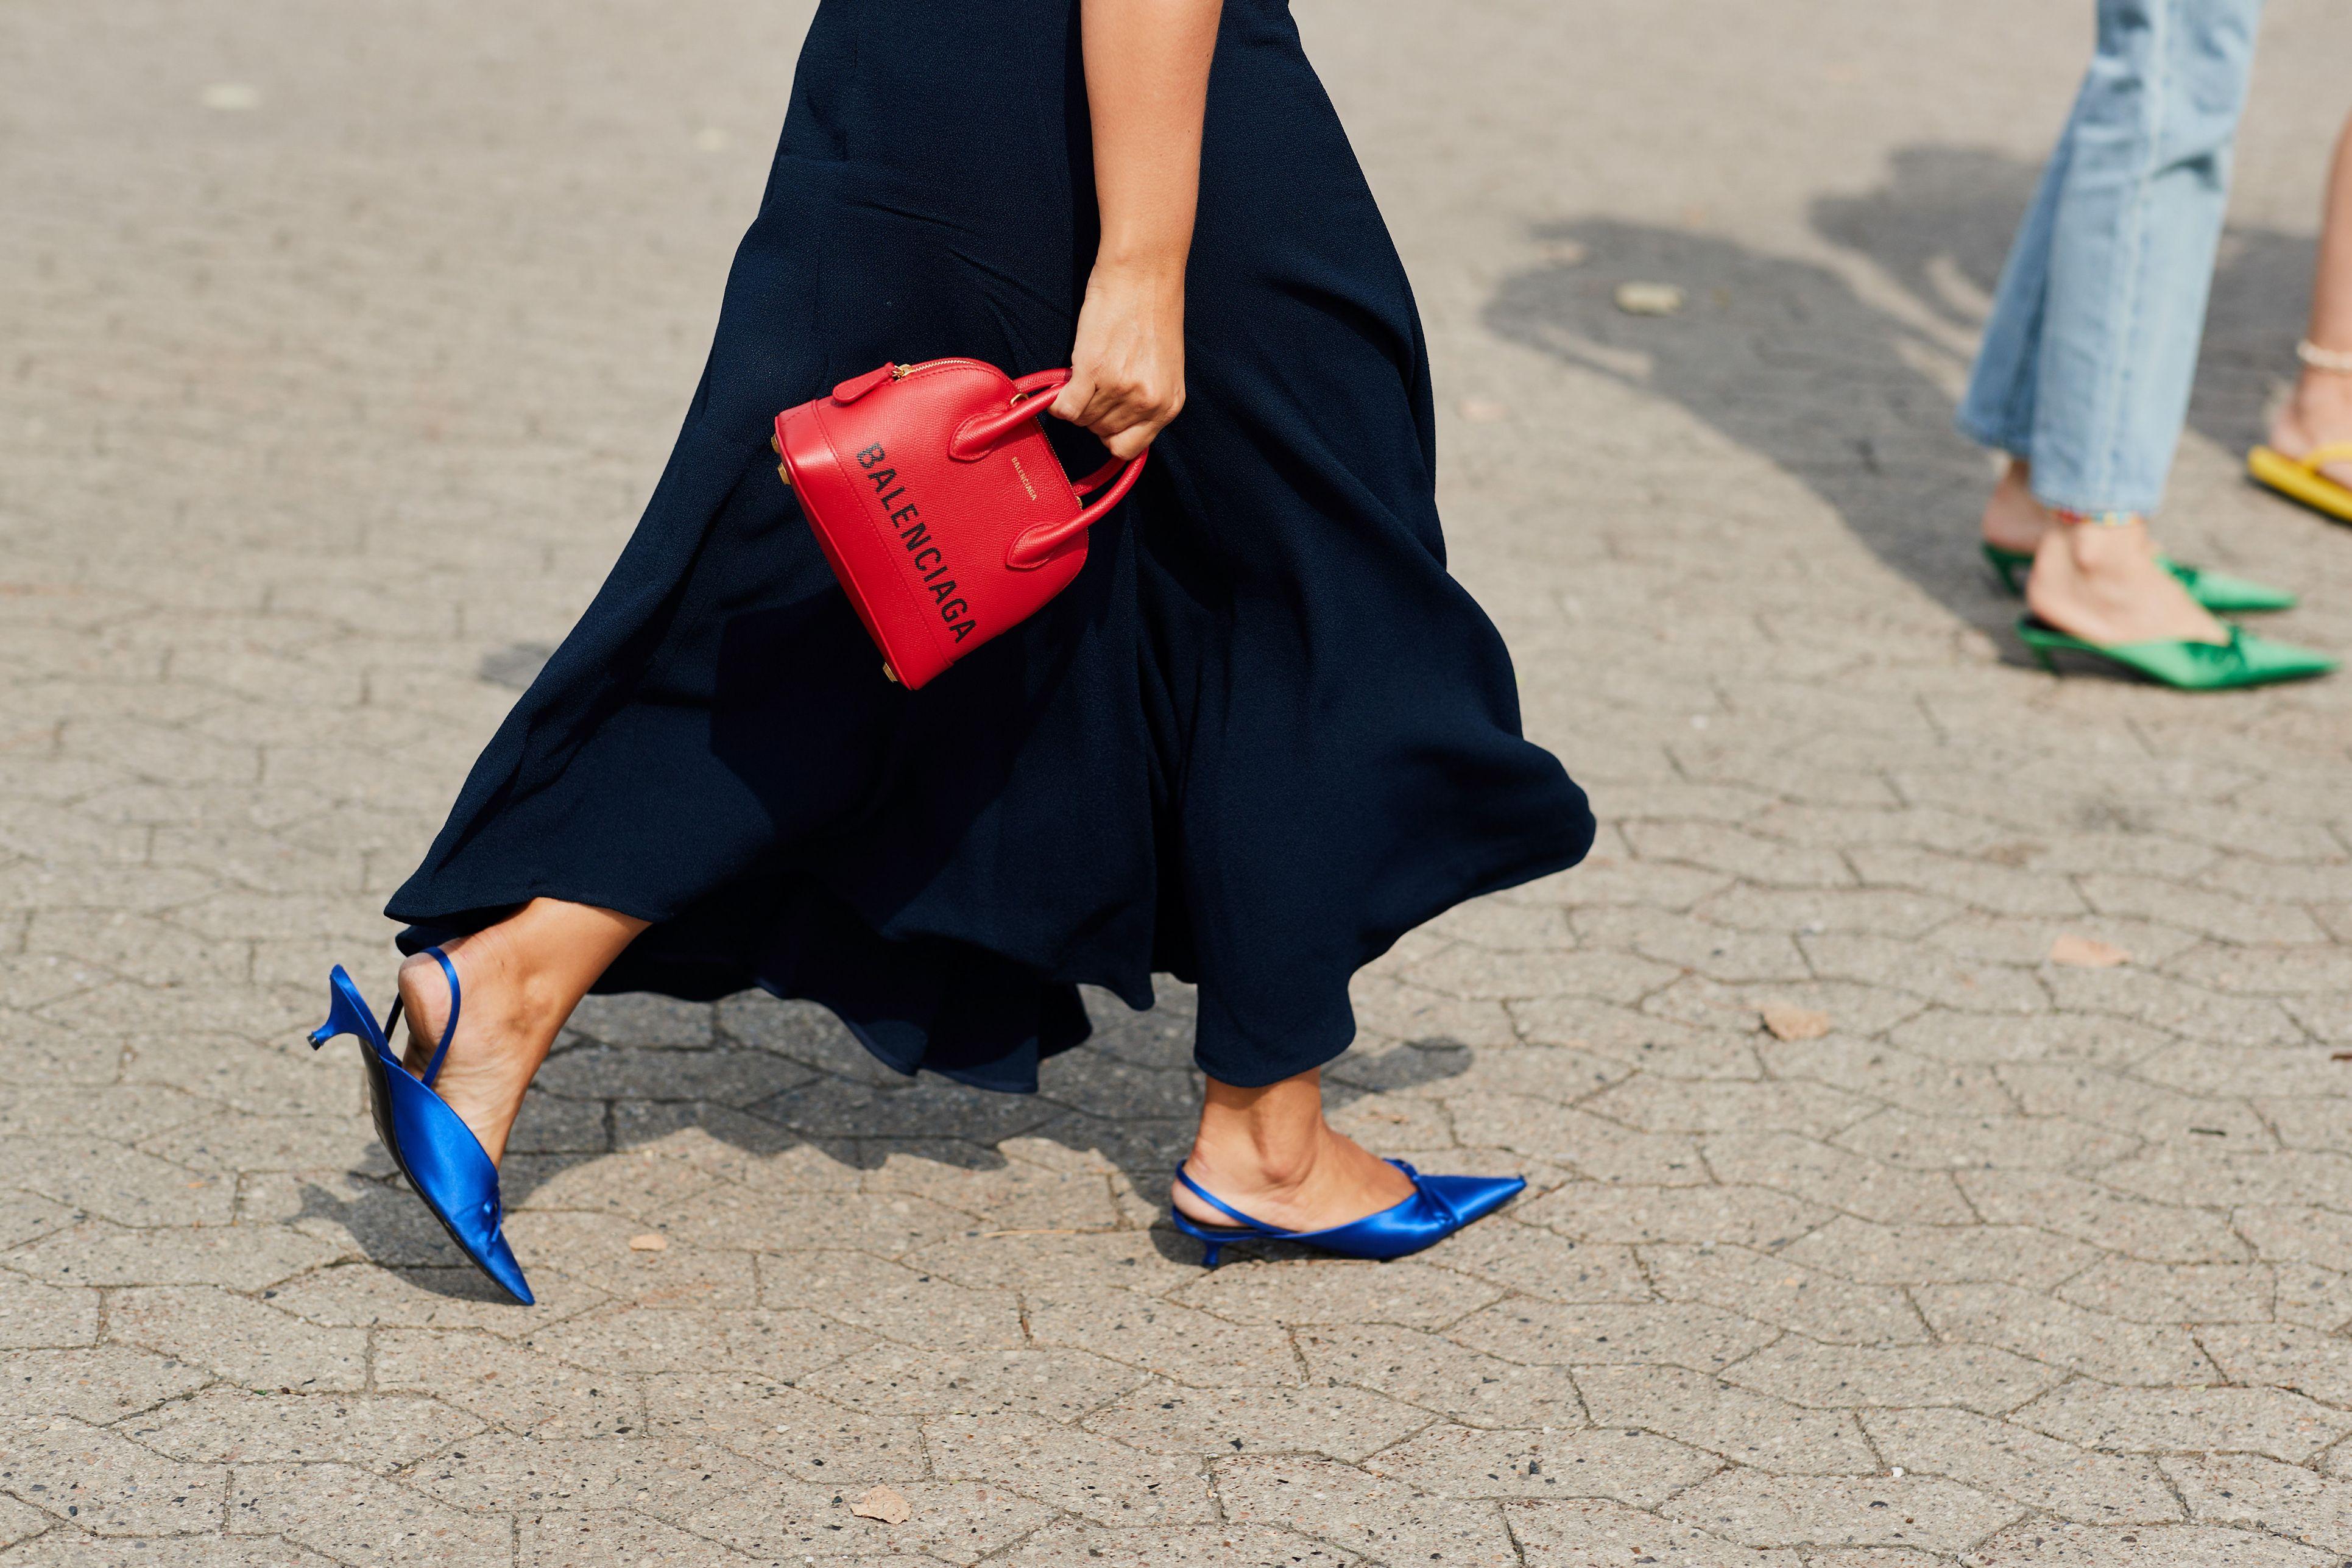 Rosa Outfit Con Tacco Sandali Cipria 9YWEIeDH2b